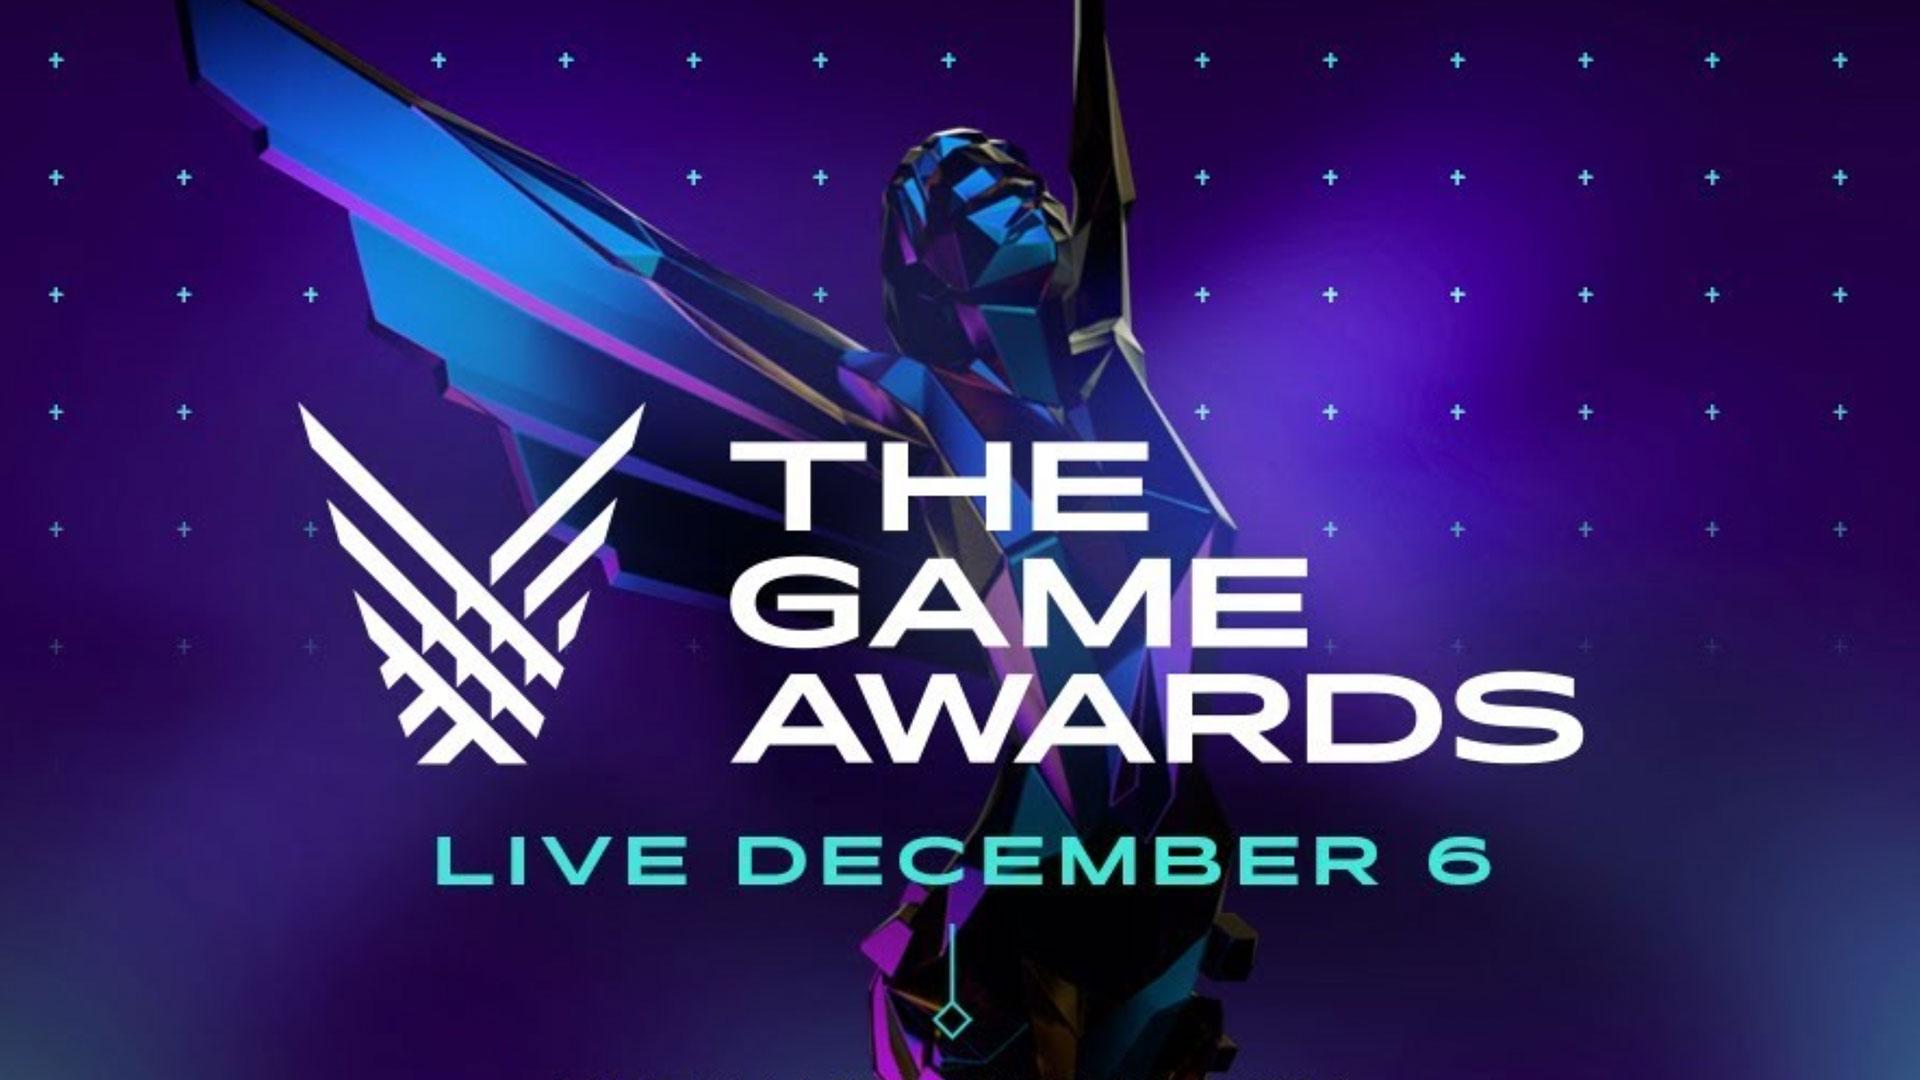 ปักหมุดรอ GOTY! The Game Awards 2018 ประกาศไลฟ์ผ่าน Youtube วันศุกร์นี้